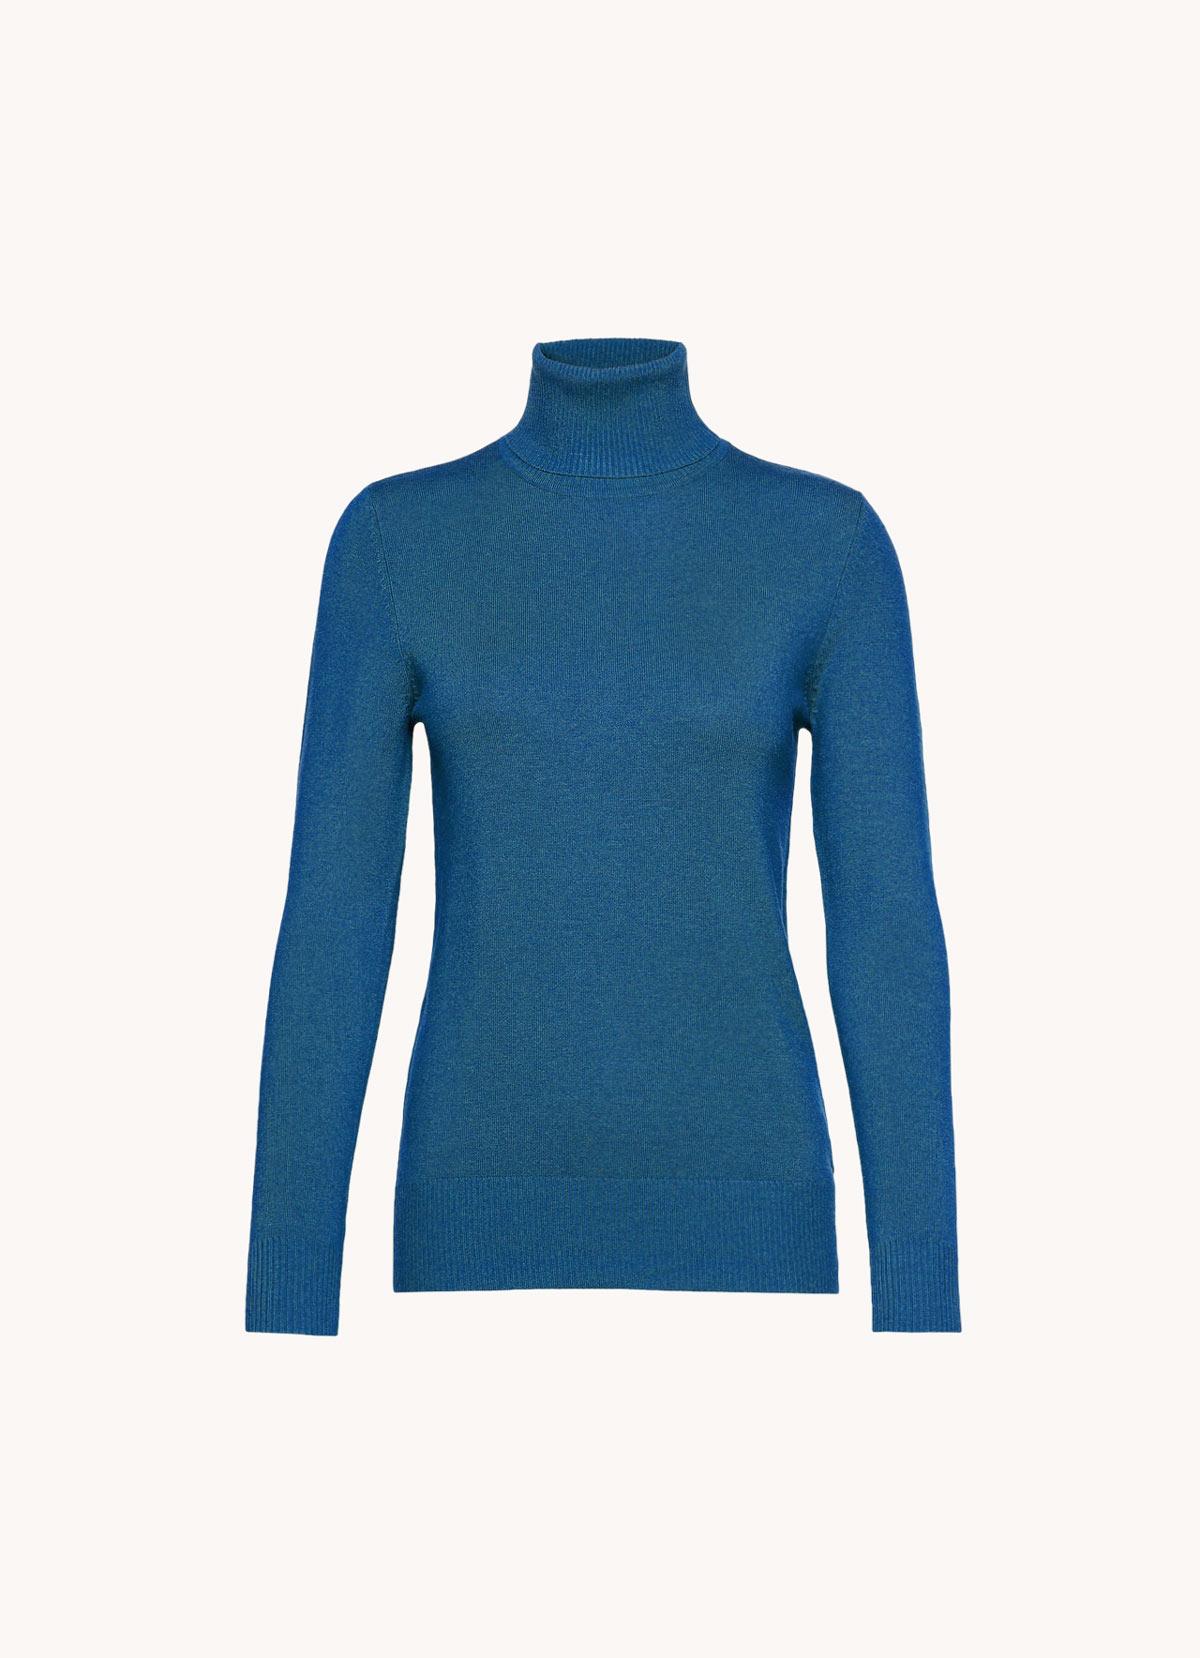 jersey cuello cisne classic blue